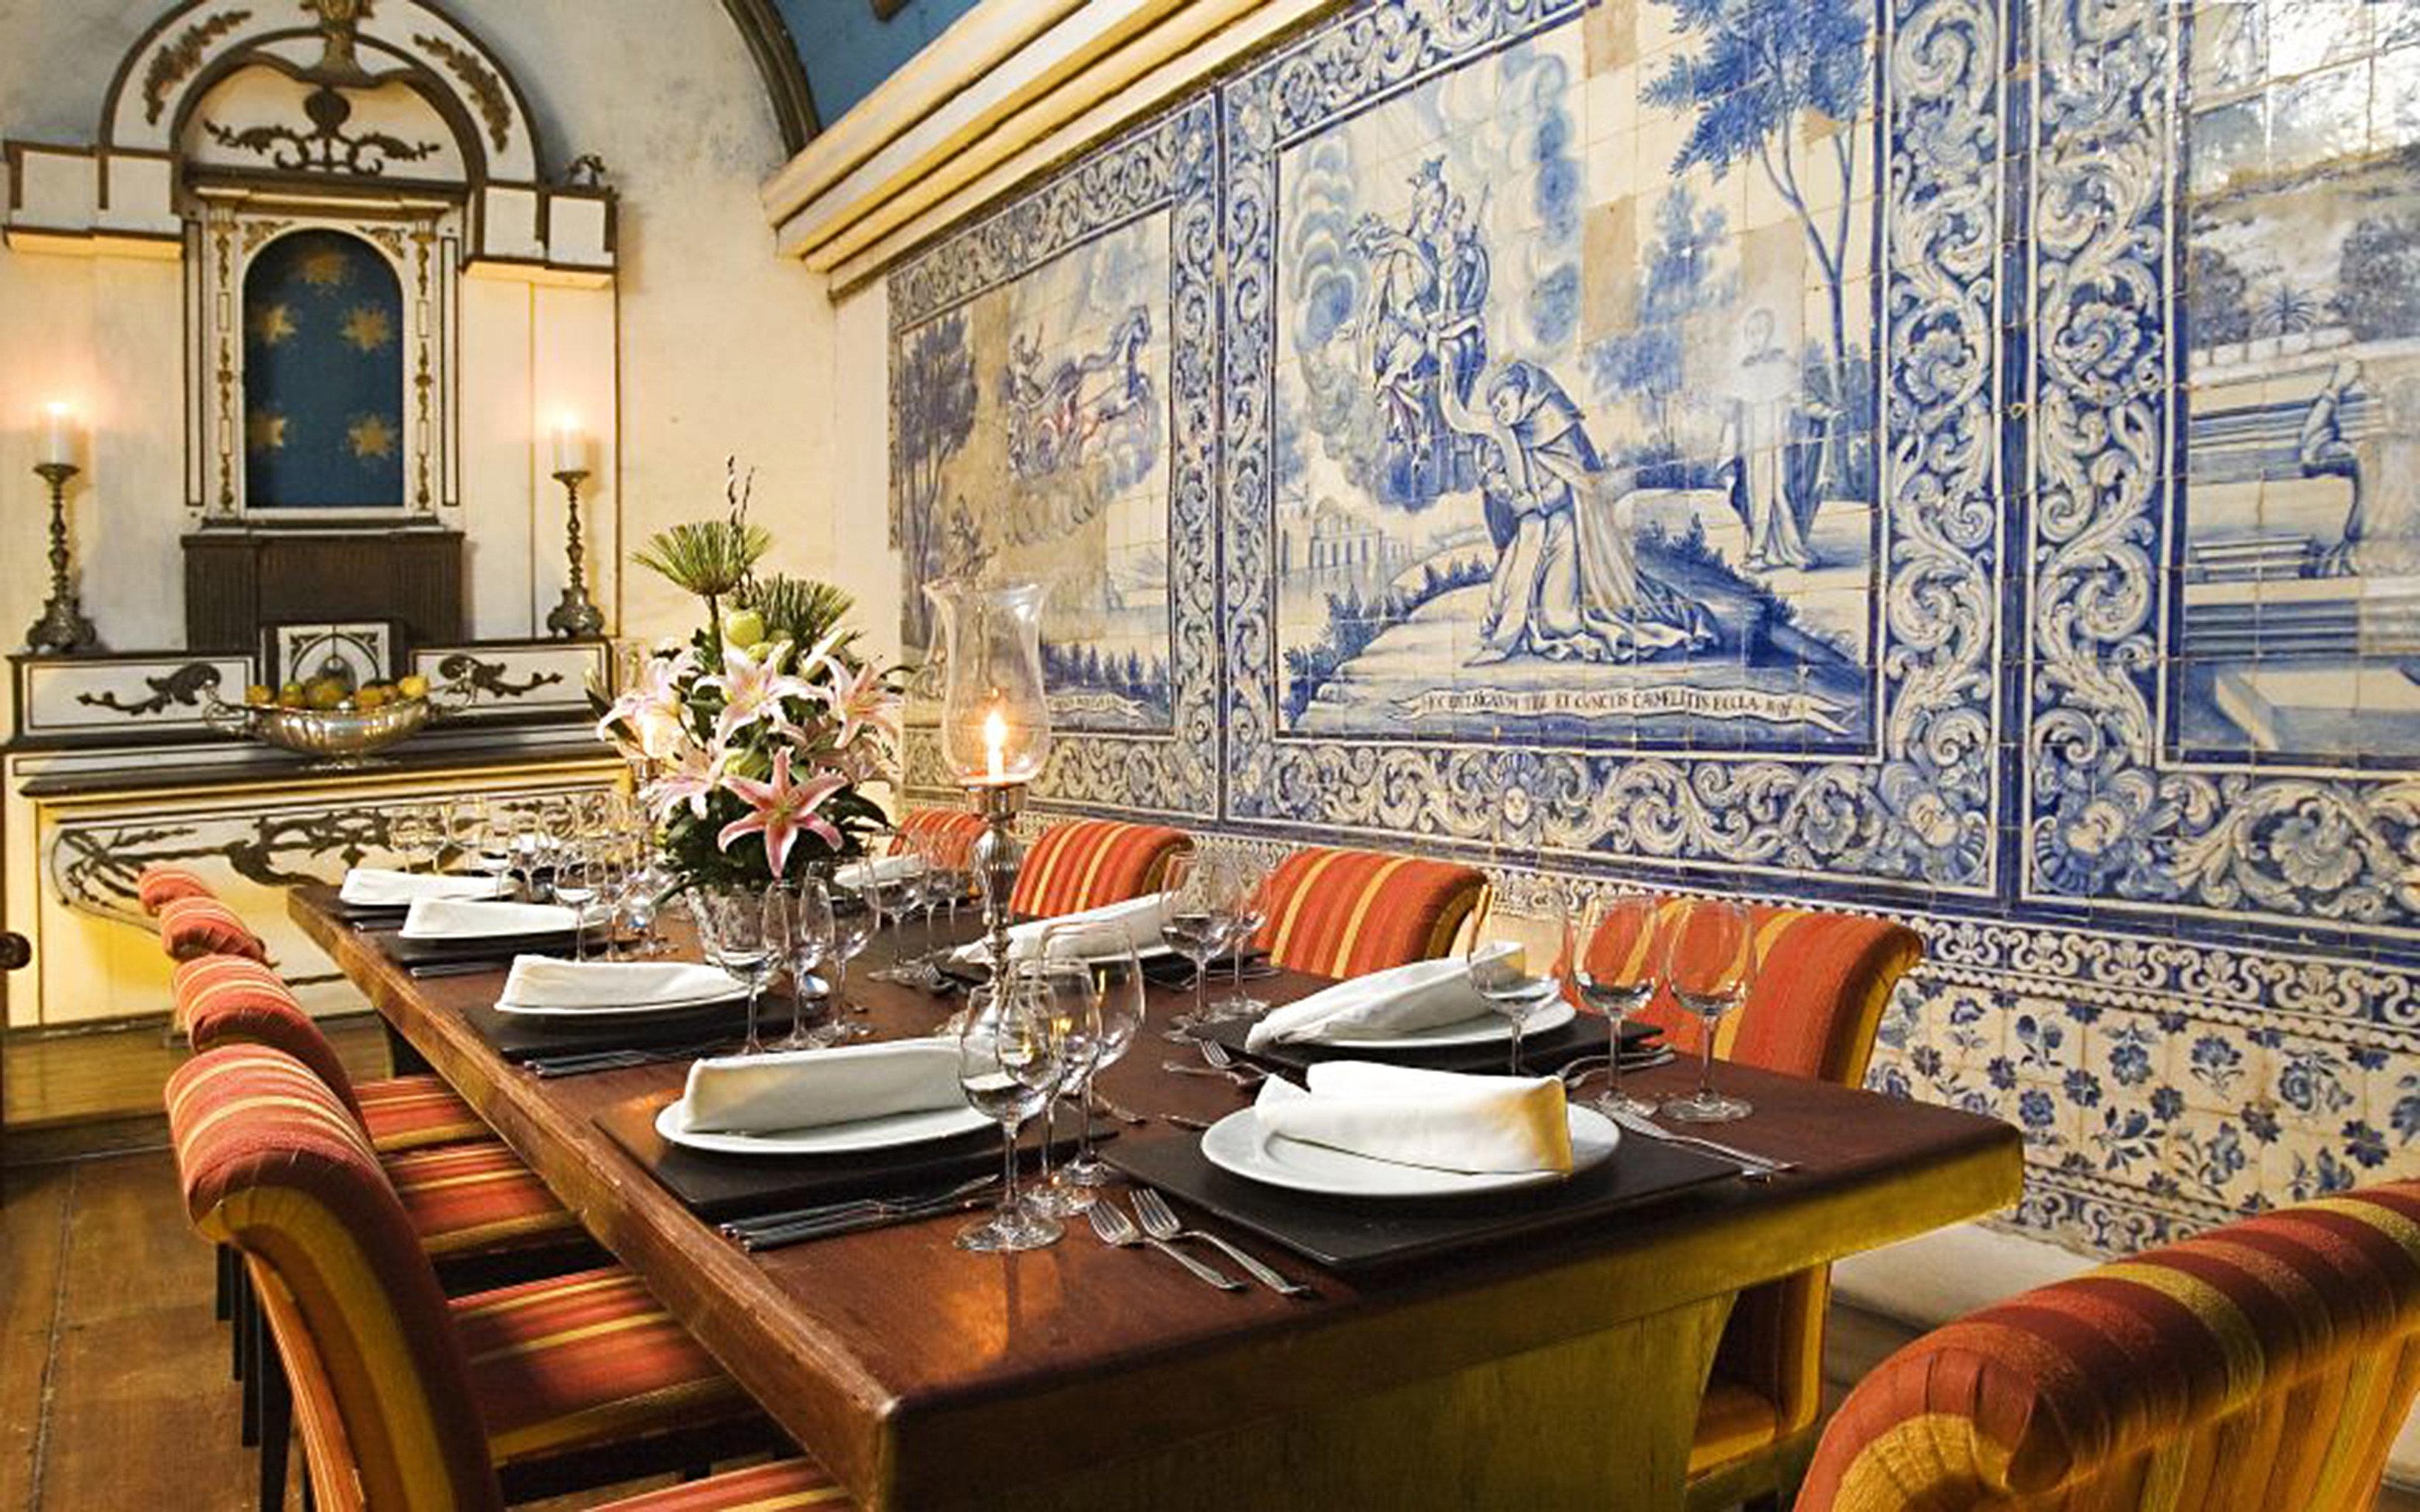 Dining Drink Eat Elegant Historic Lounge restaurant home living room